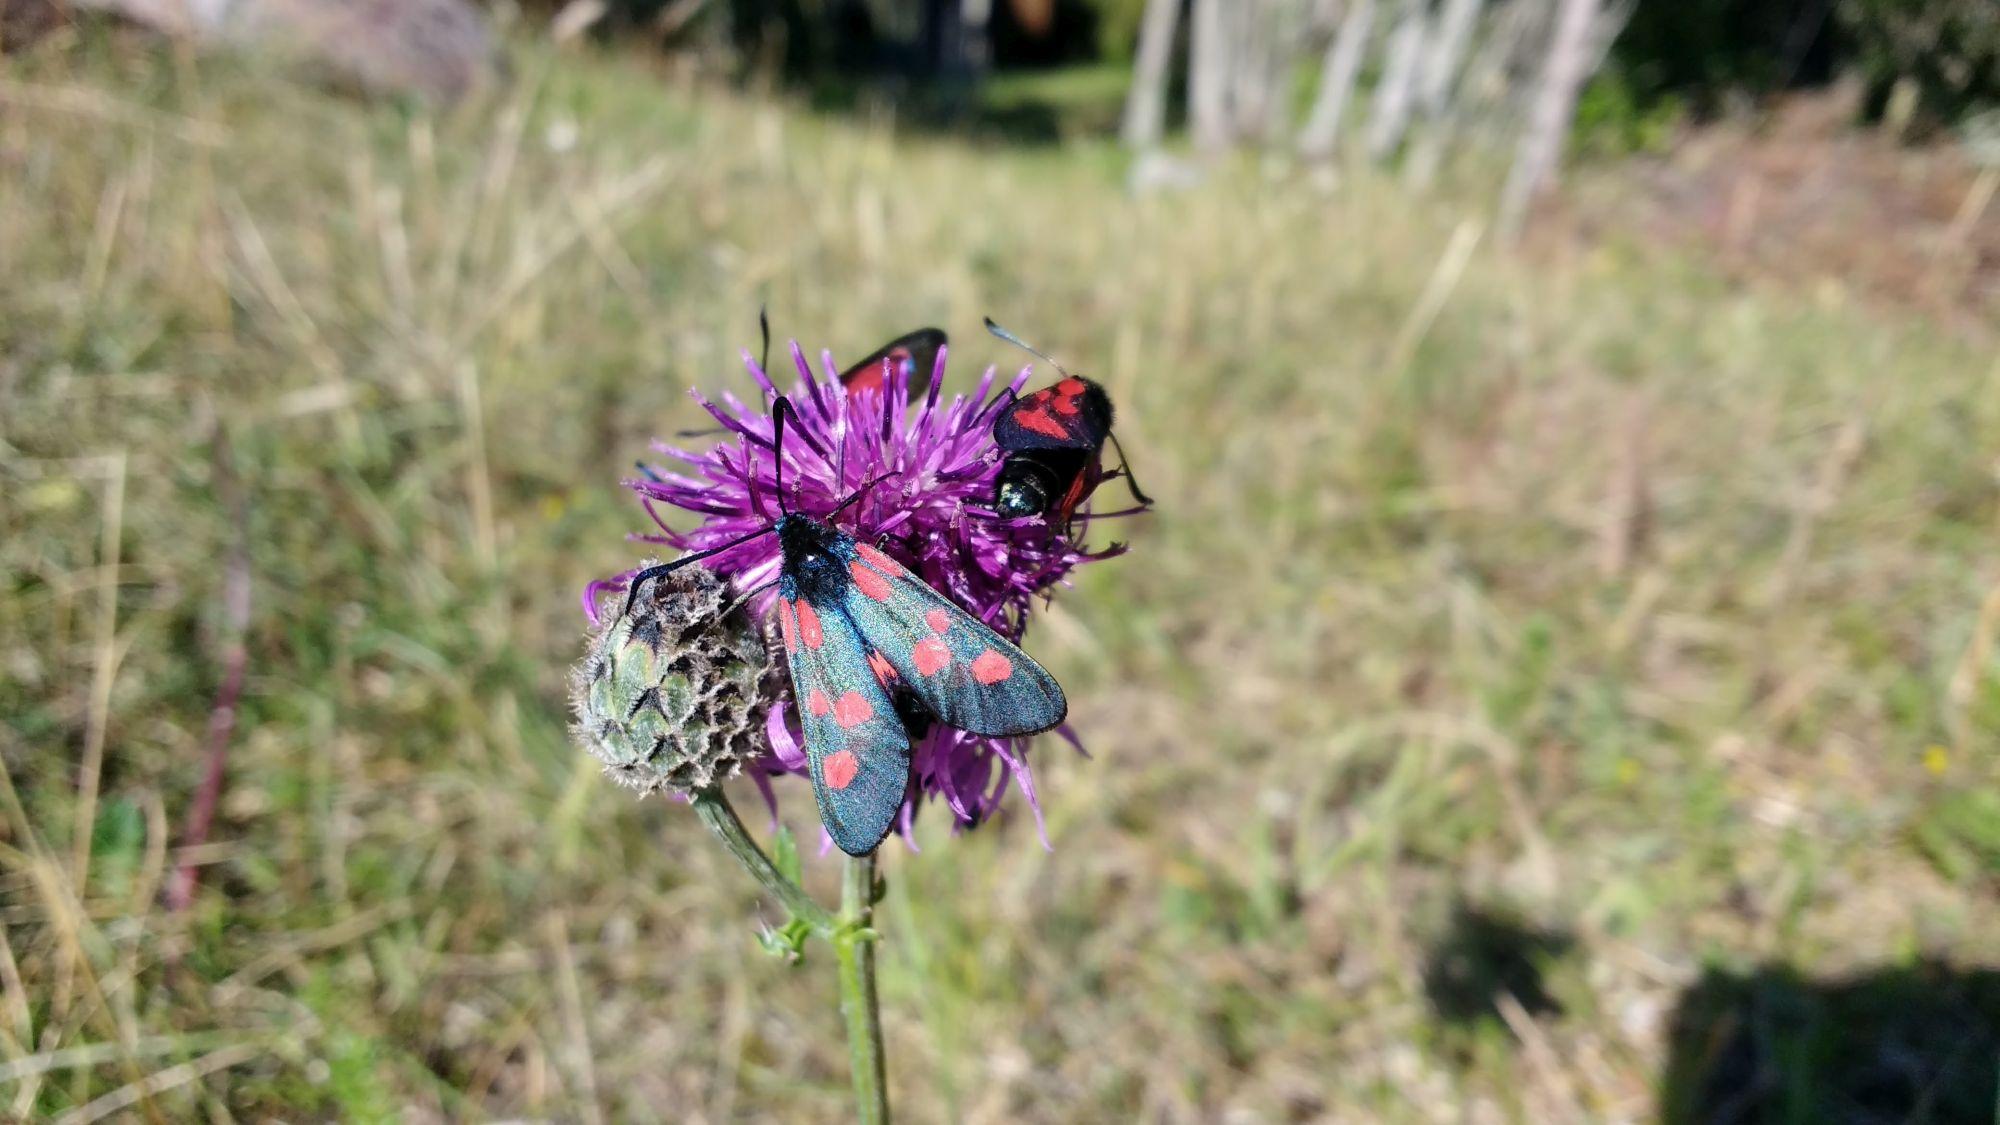 Väike näide Kaevatsi putukamaailmast: Saarehull küll lepidopteroloogi tiitlile ei pretendeeri, kuid siin on tõenäoliselt tegemist verikireslase perekonna esindajatega.